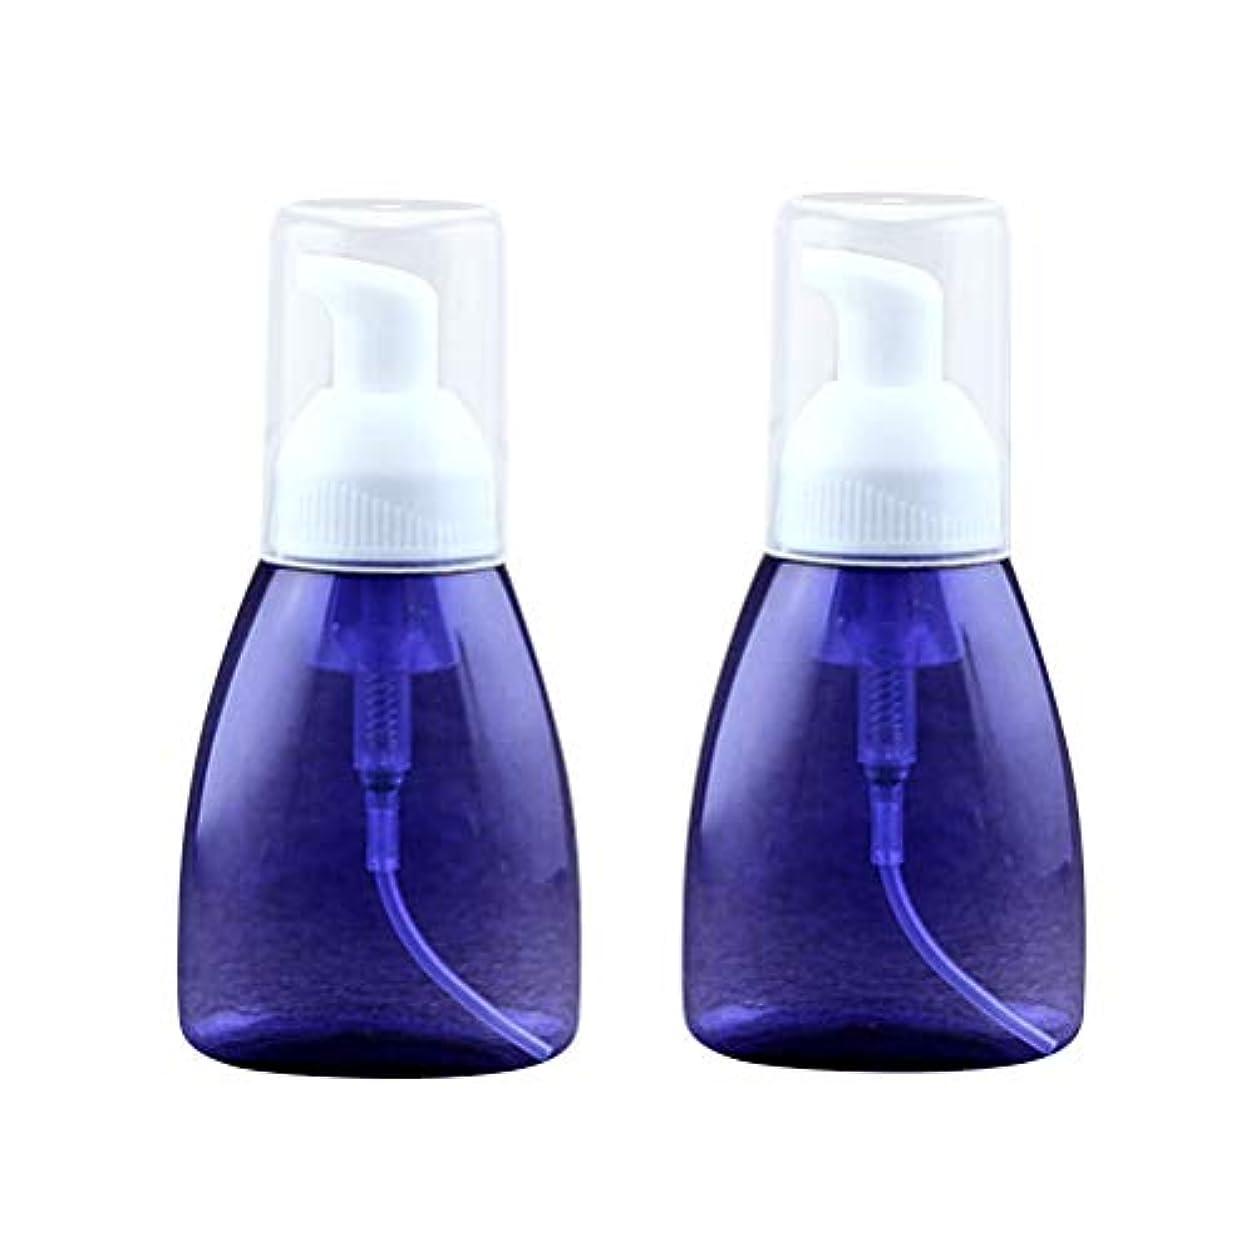 ブローシュート大騒ぎSUPVOX 2本発泡ソープディスペンサー詰め替え式プラスチックローションボトル泡ハンドポンプ空のボトル容器クリアトラベルトイレタリーボトル用液体シャンプー80ml(ブルー)